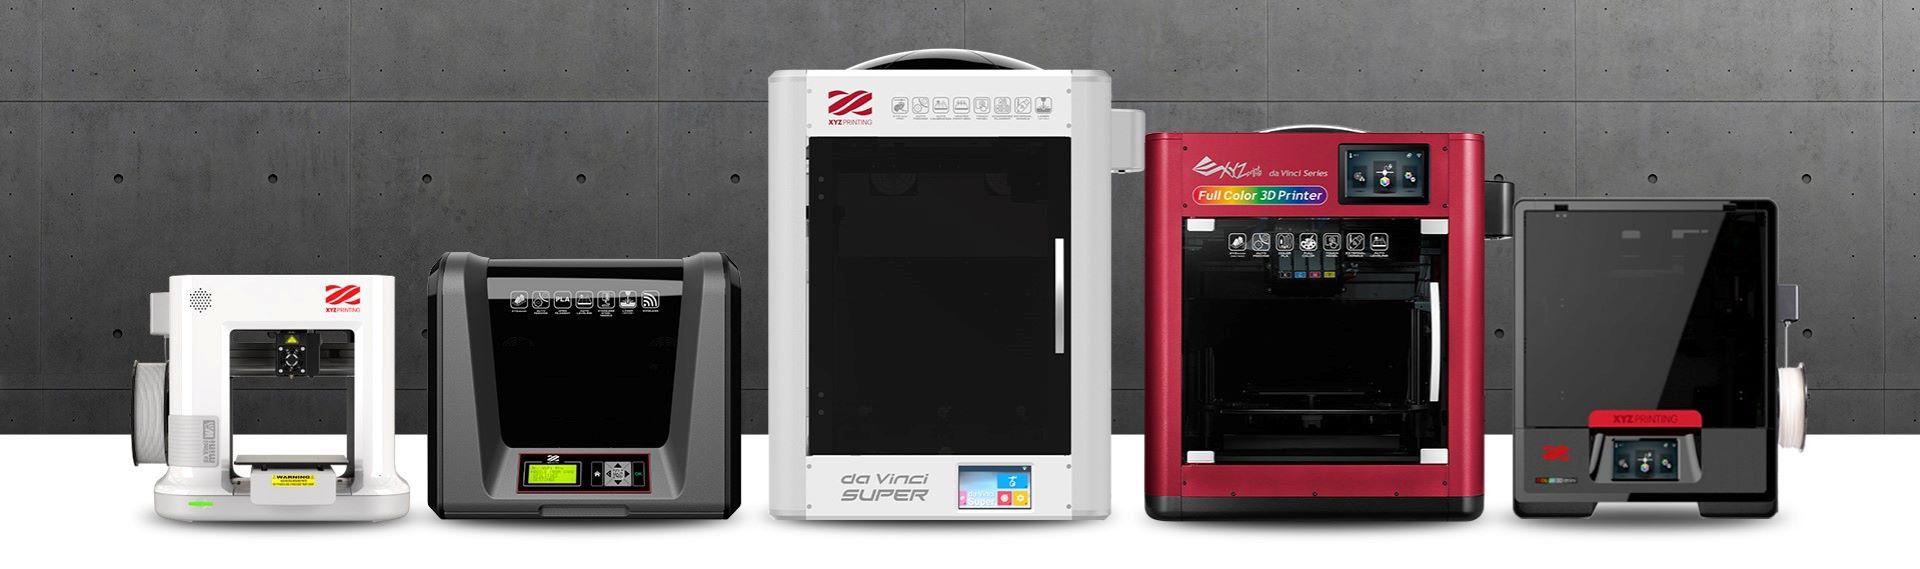 プリンター 価格 3d 【2021年最新版】3Dプリンターの人気おすすめランキング15選【業務用もご紹介!】|セレクト